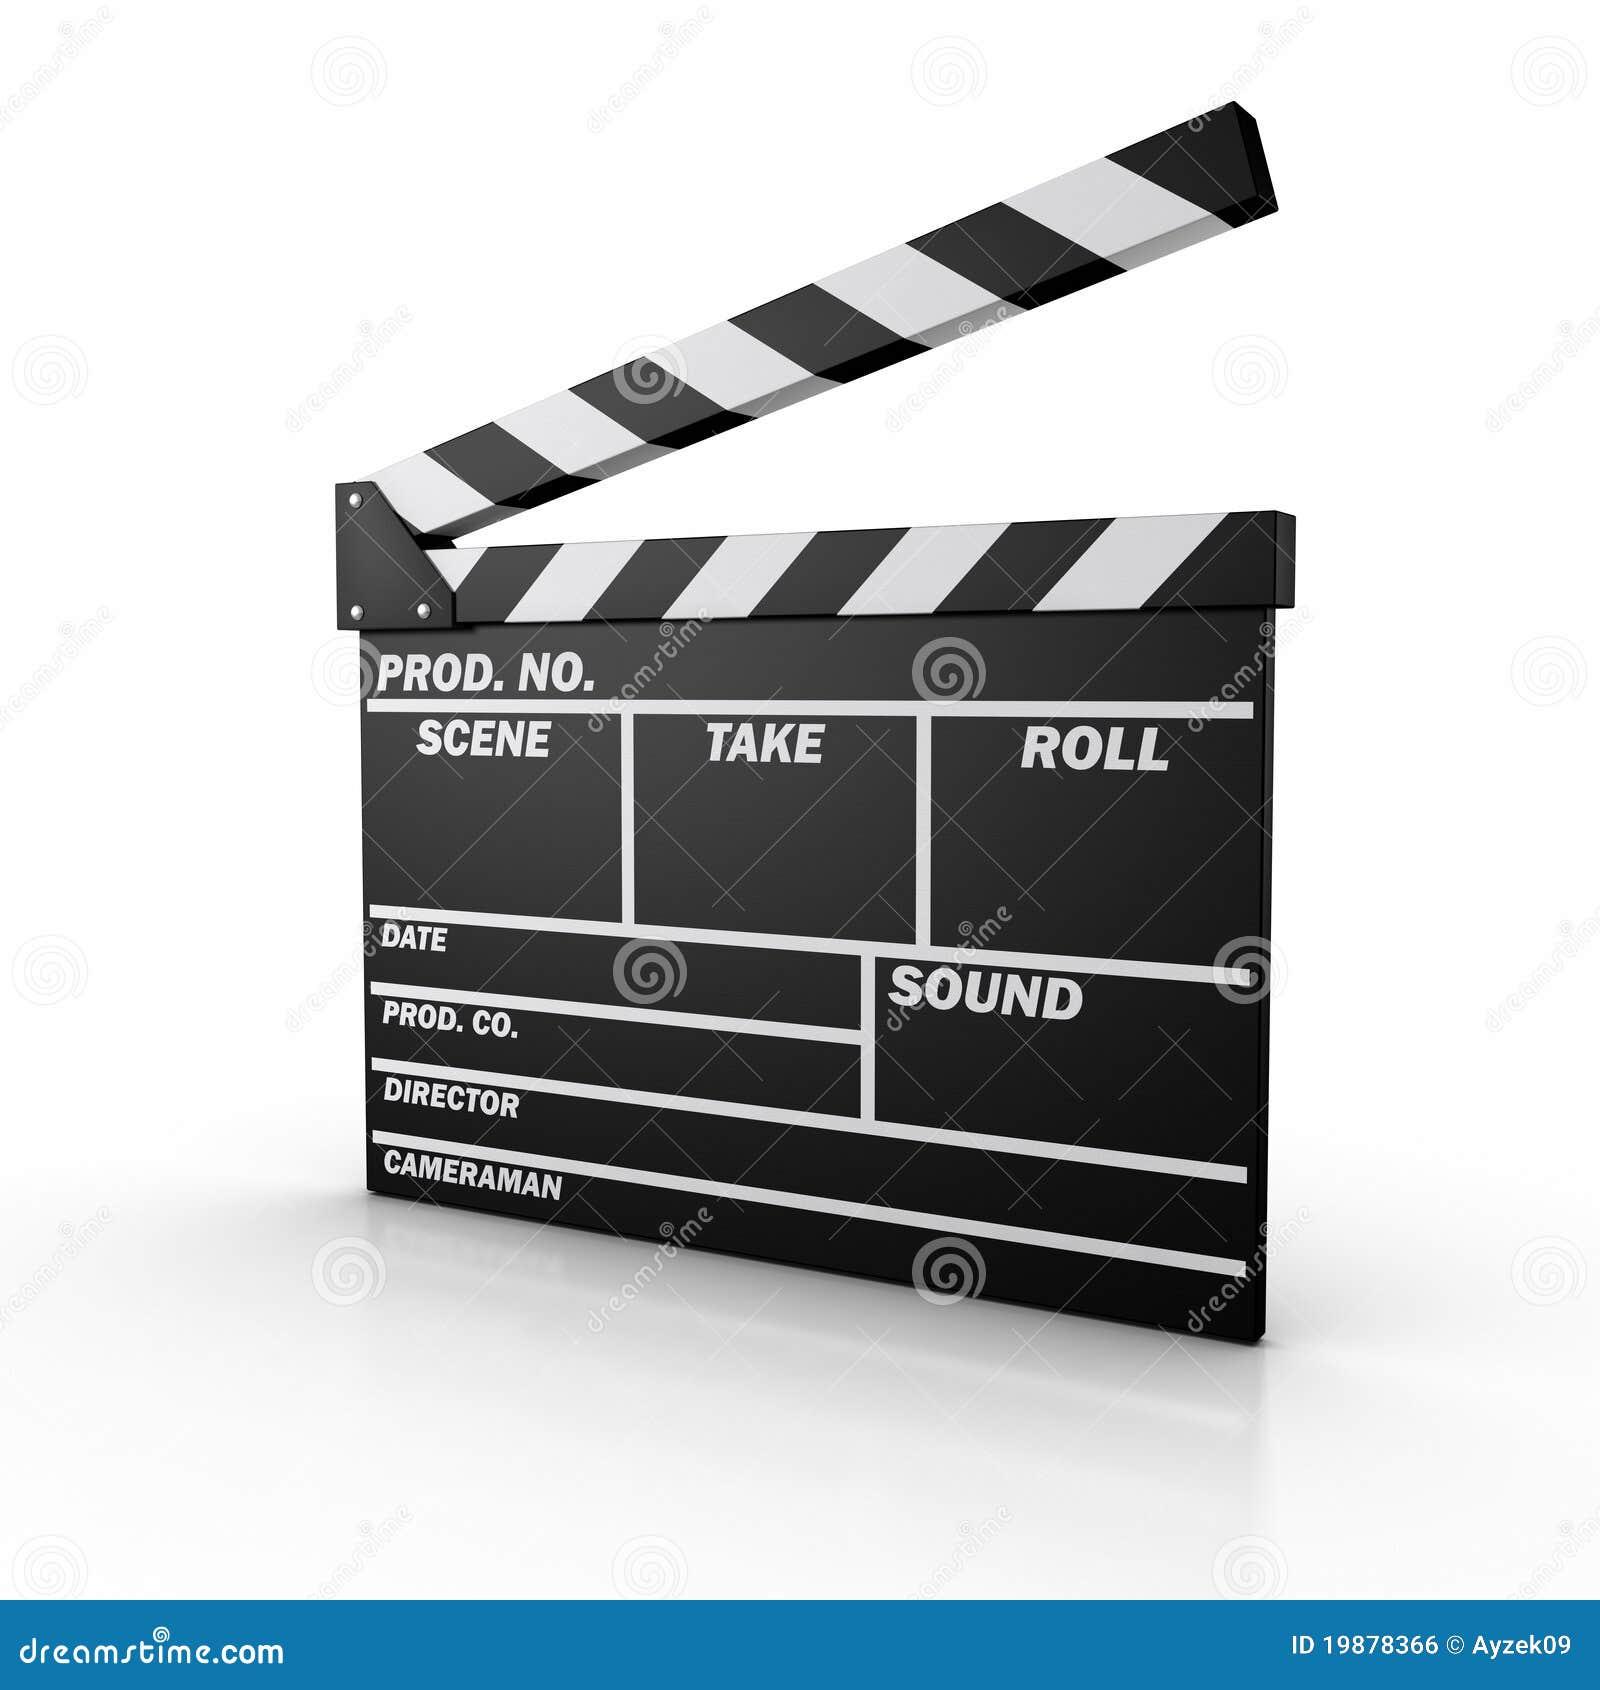 Film Slate Royalty Free Stock Image - Image: 19878366